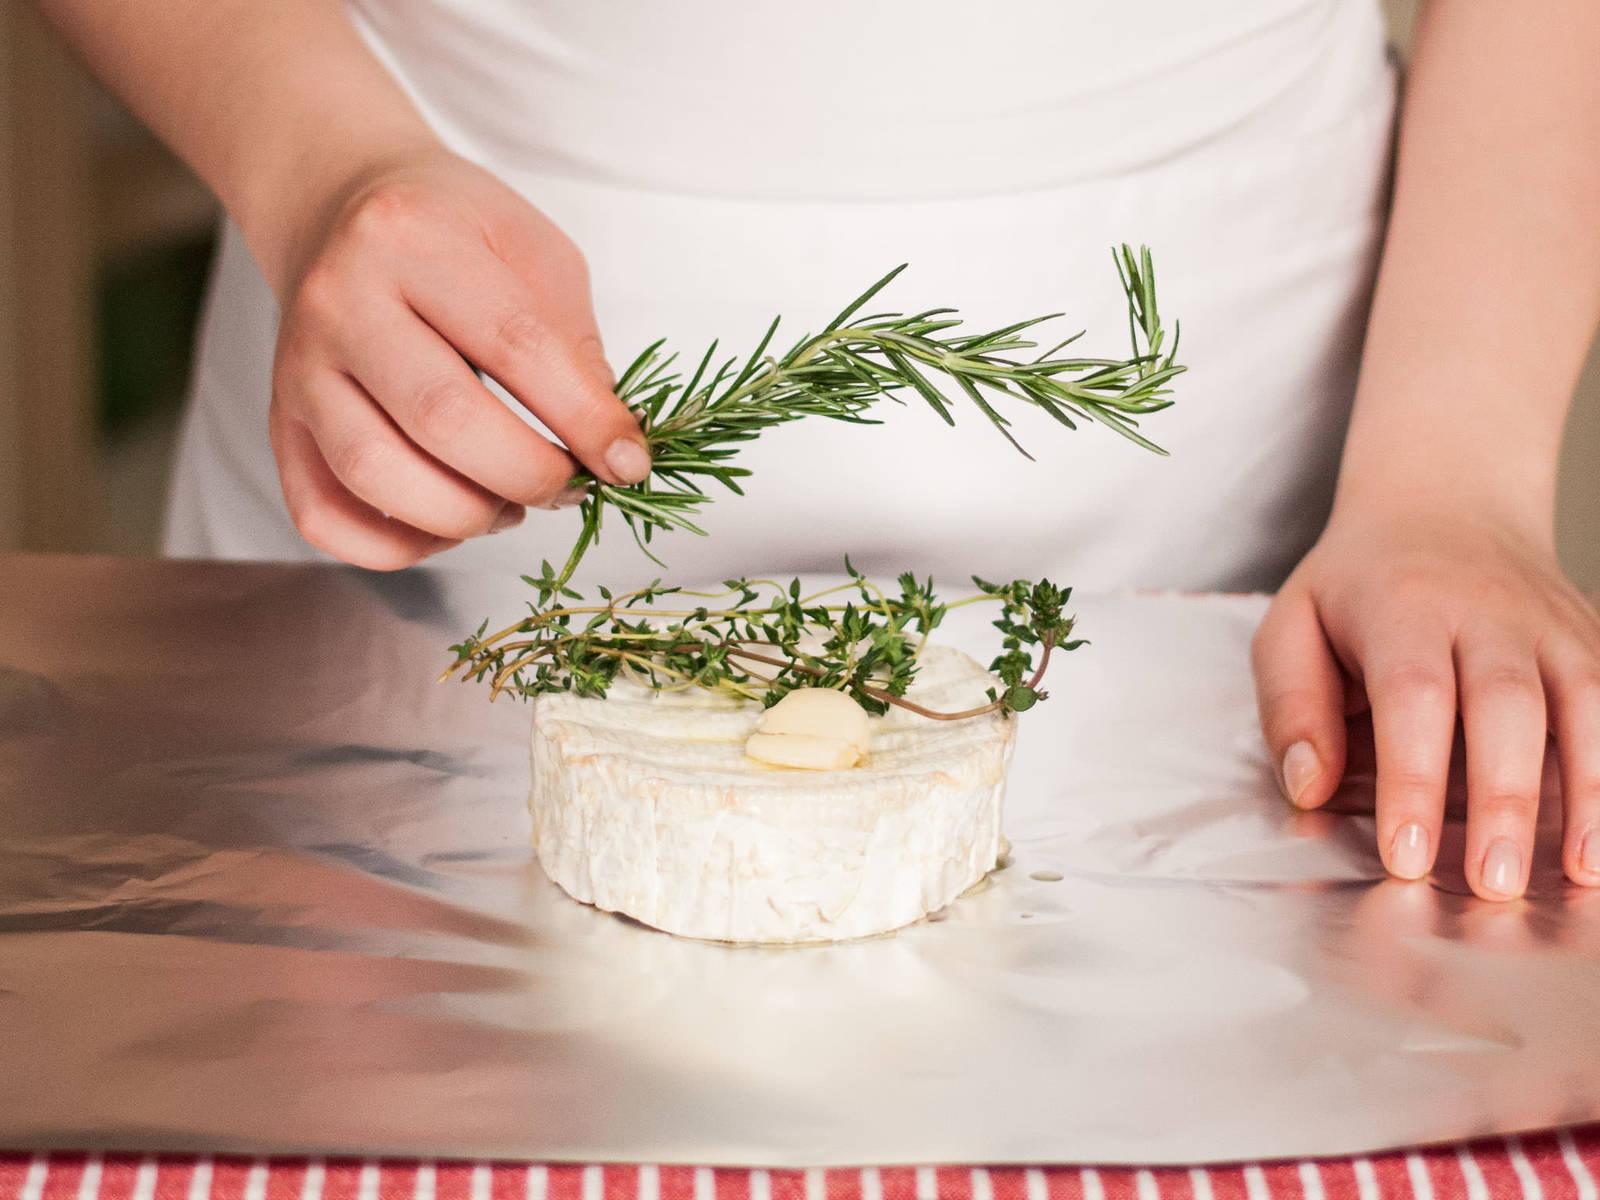 预热烤架。将卡蒙贝尔奶酪放在一块正方形的锡纸上,用橄榄油刷一遍。在上面摆放迷迭香、百里香和拍碎的蒜瓣。